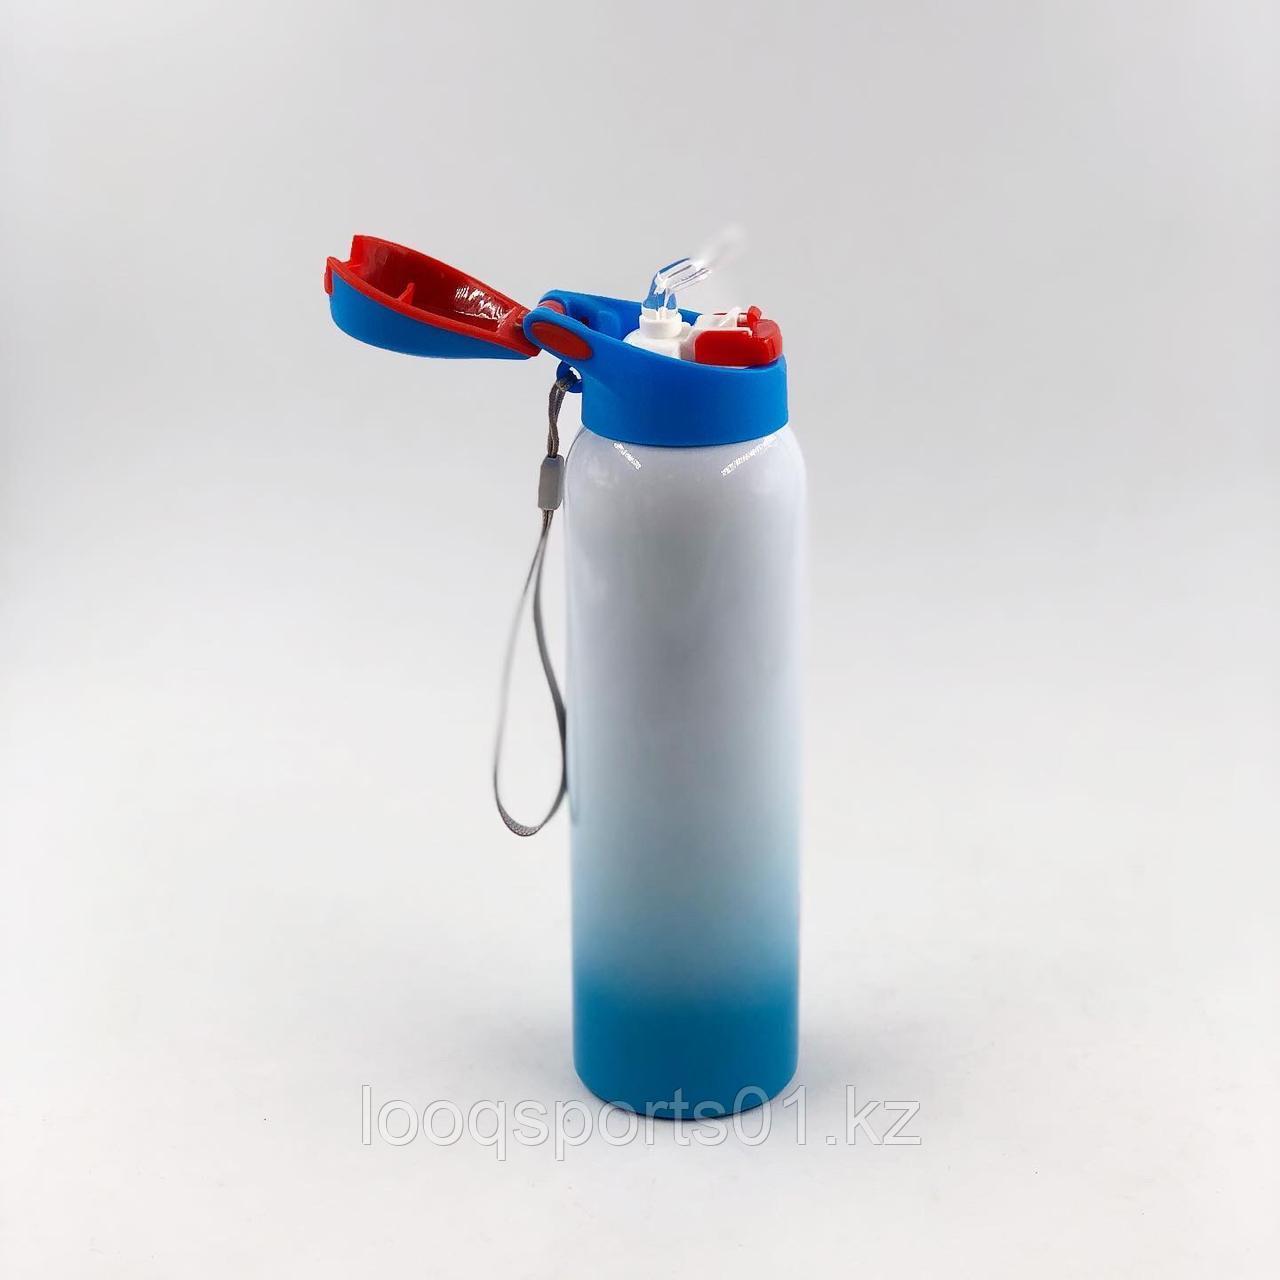 Металлическая термо бутылка для воды (термос)